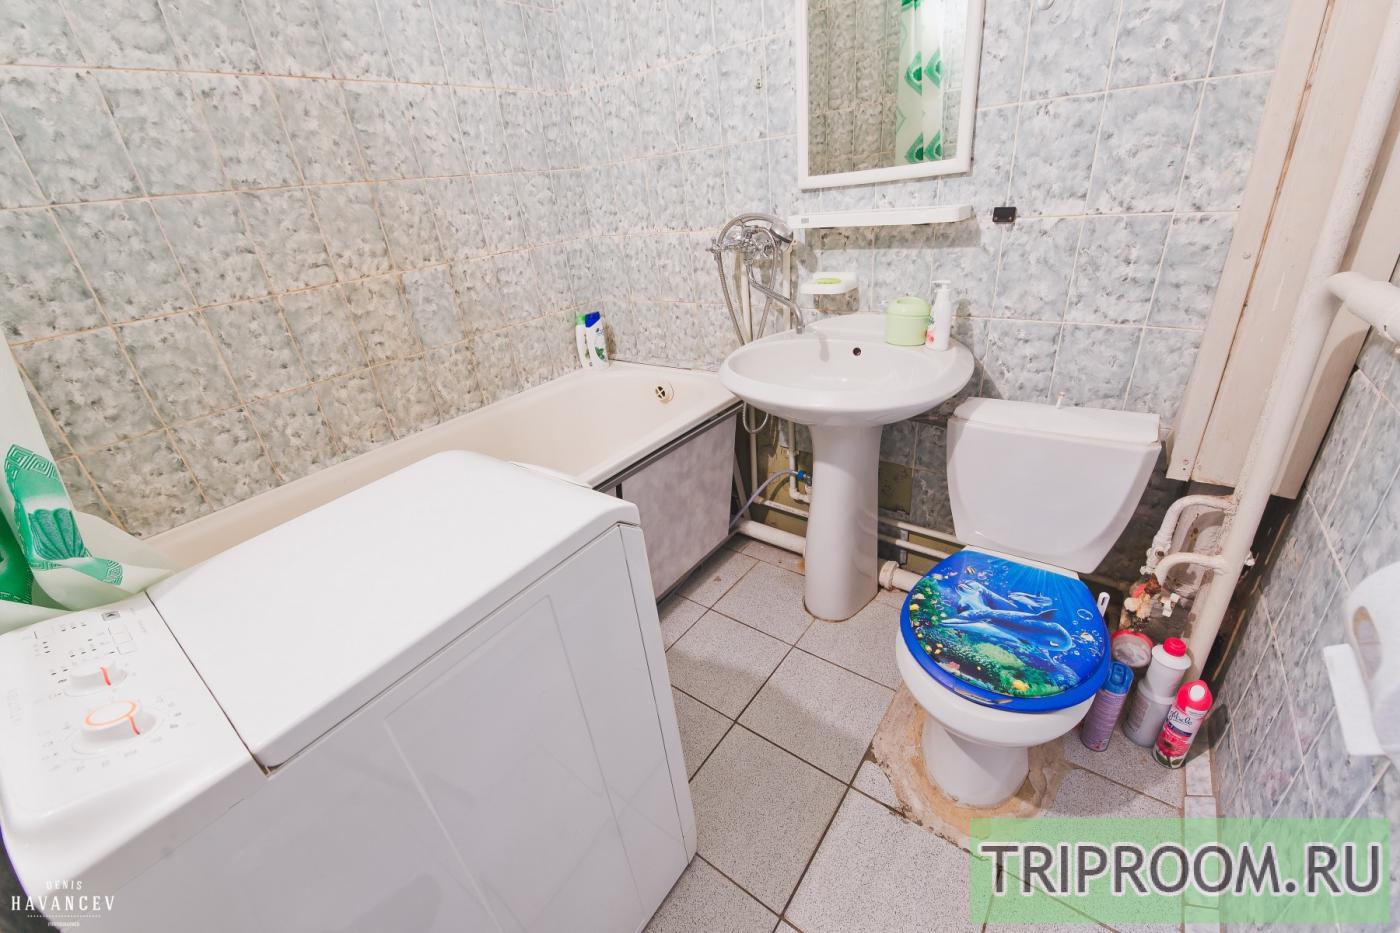 1-комнатная квартира посуточно (вариант № 14826), ул. Радищева улица, фото № 10